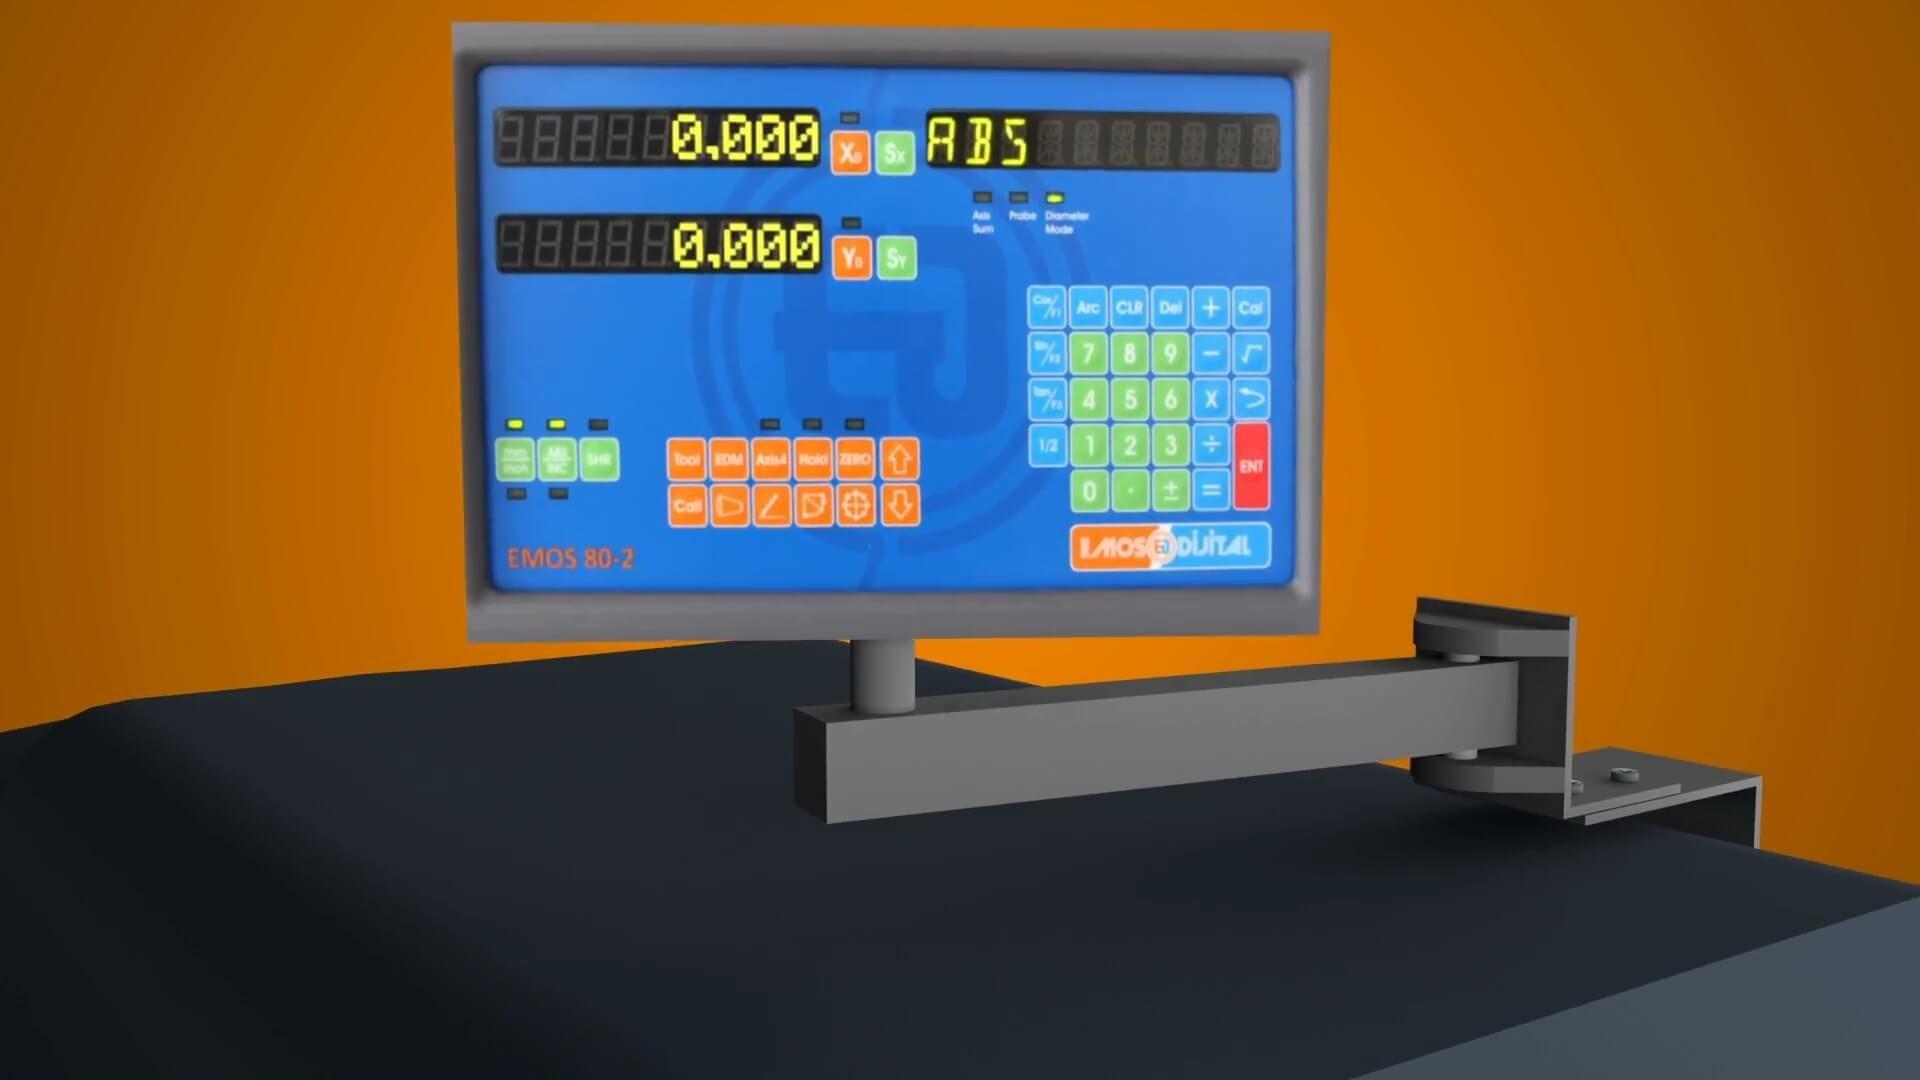 Emos Marketing 2D3D Hibrit Torna Tezgahı Filmi 7 1920x1080 - Emos Marketing 2D+3D Hibrit Torna Tezgahı Tanıtım Filmi